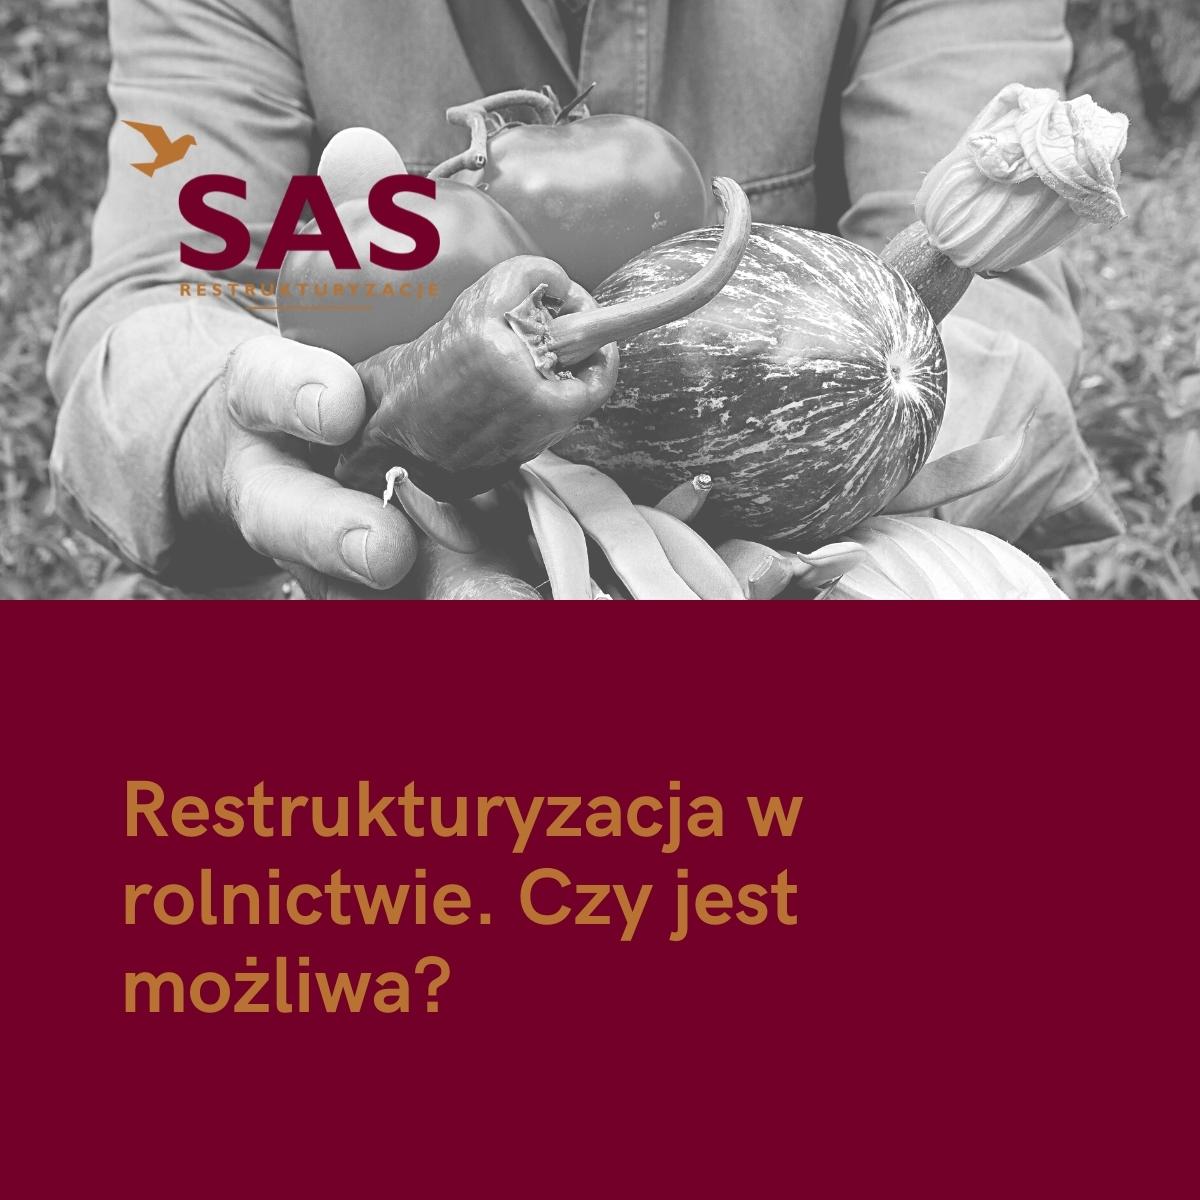 Restrukturyzacja w rolnictwie